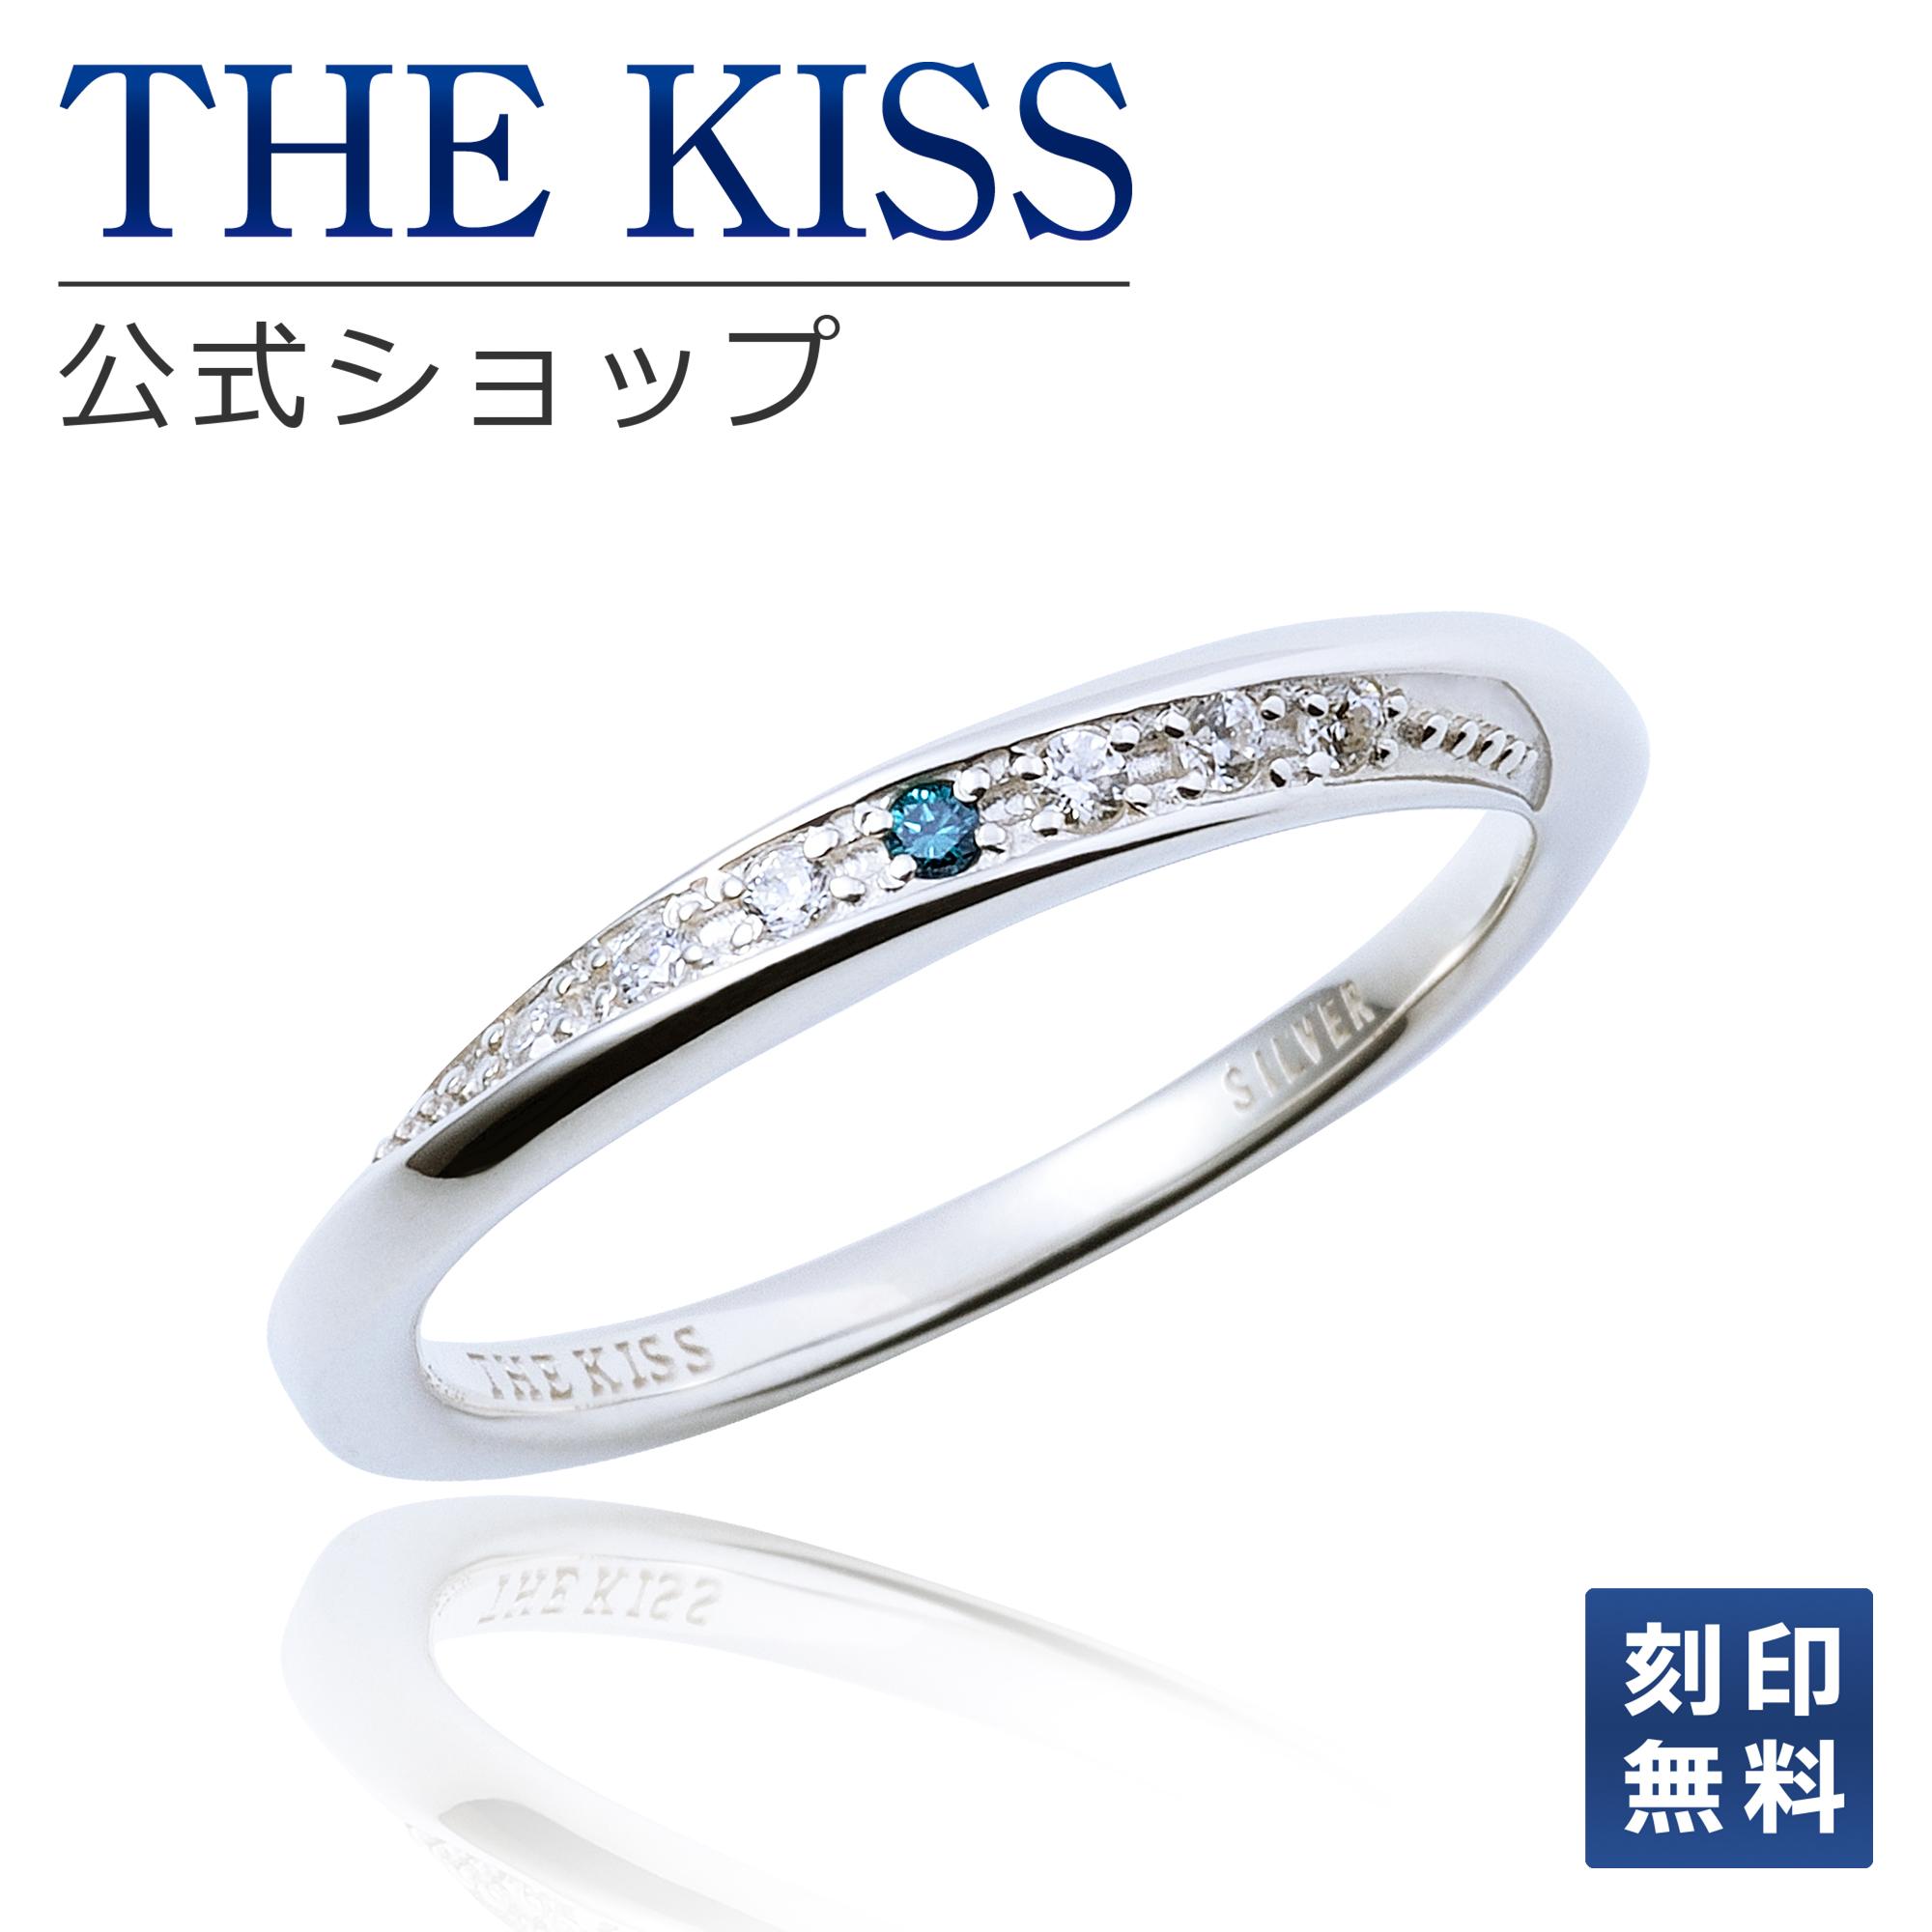 【あす楽対応】THE KISS 公式サイト シルバー ペアリング ( レディース 単品 ) ペアアクセサリー カップル に 人気 の ジュエリーブランド THEKISS ペア リング・指輪 記念日 プレゼント SR1547BDM ザキス 【送料無料】